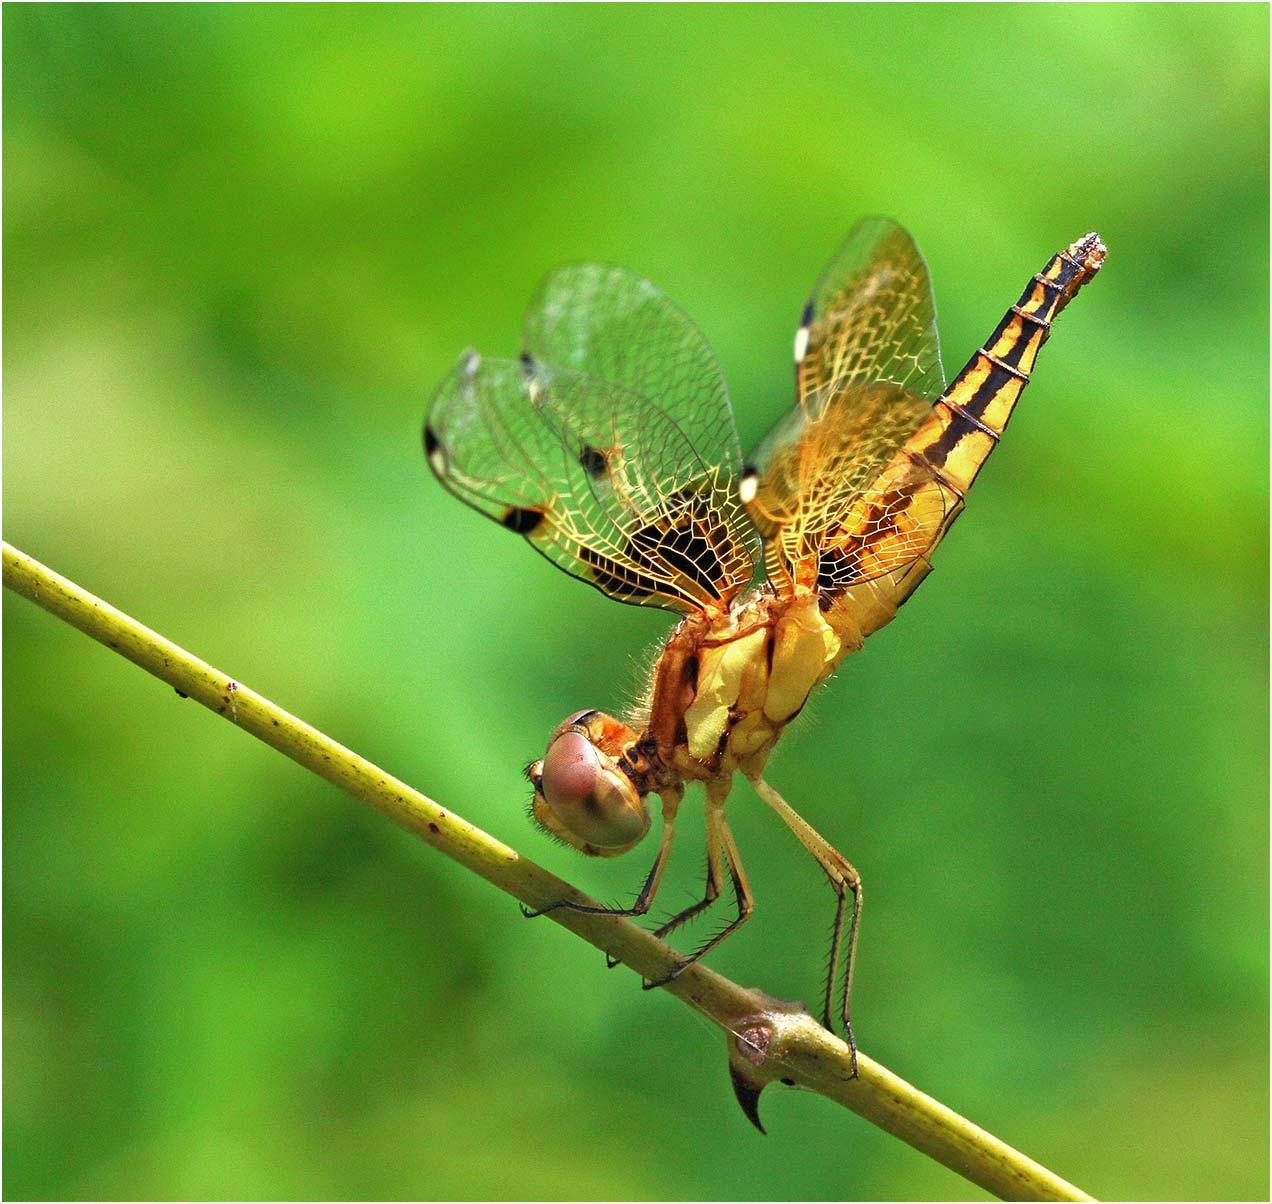 Palpopleura sexmaculata femelle immature, Vietnam, Huu Lien, 03/06/2018